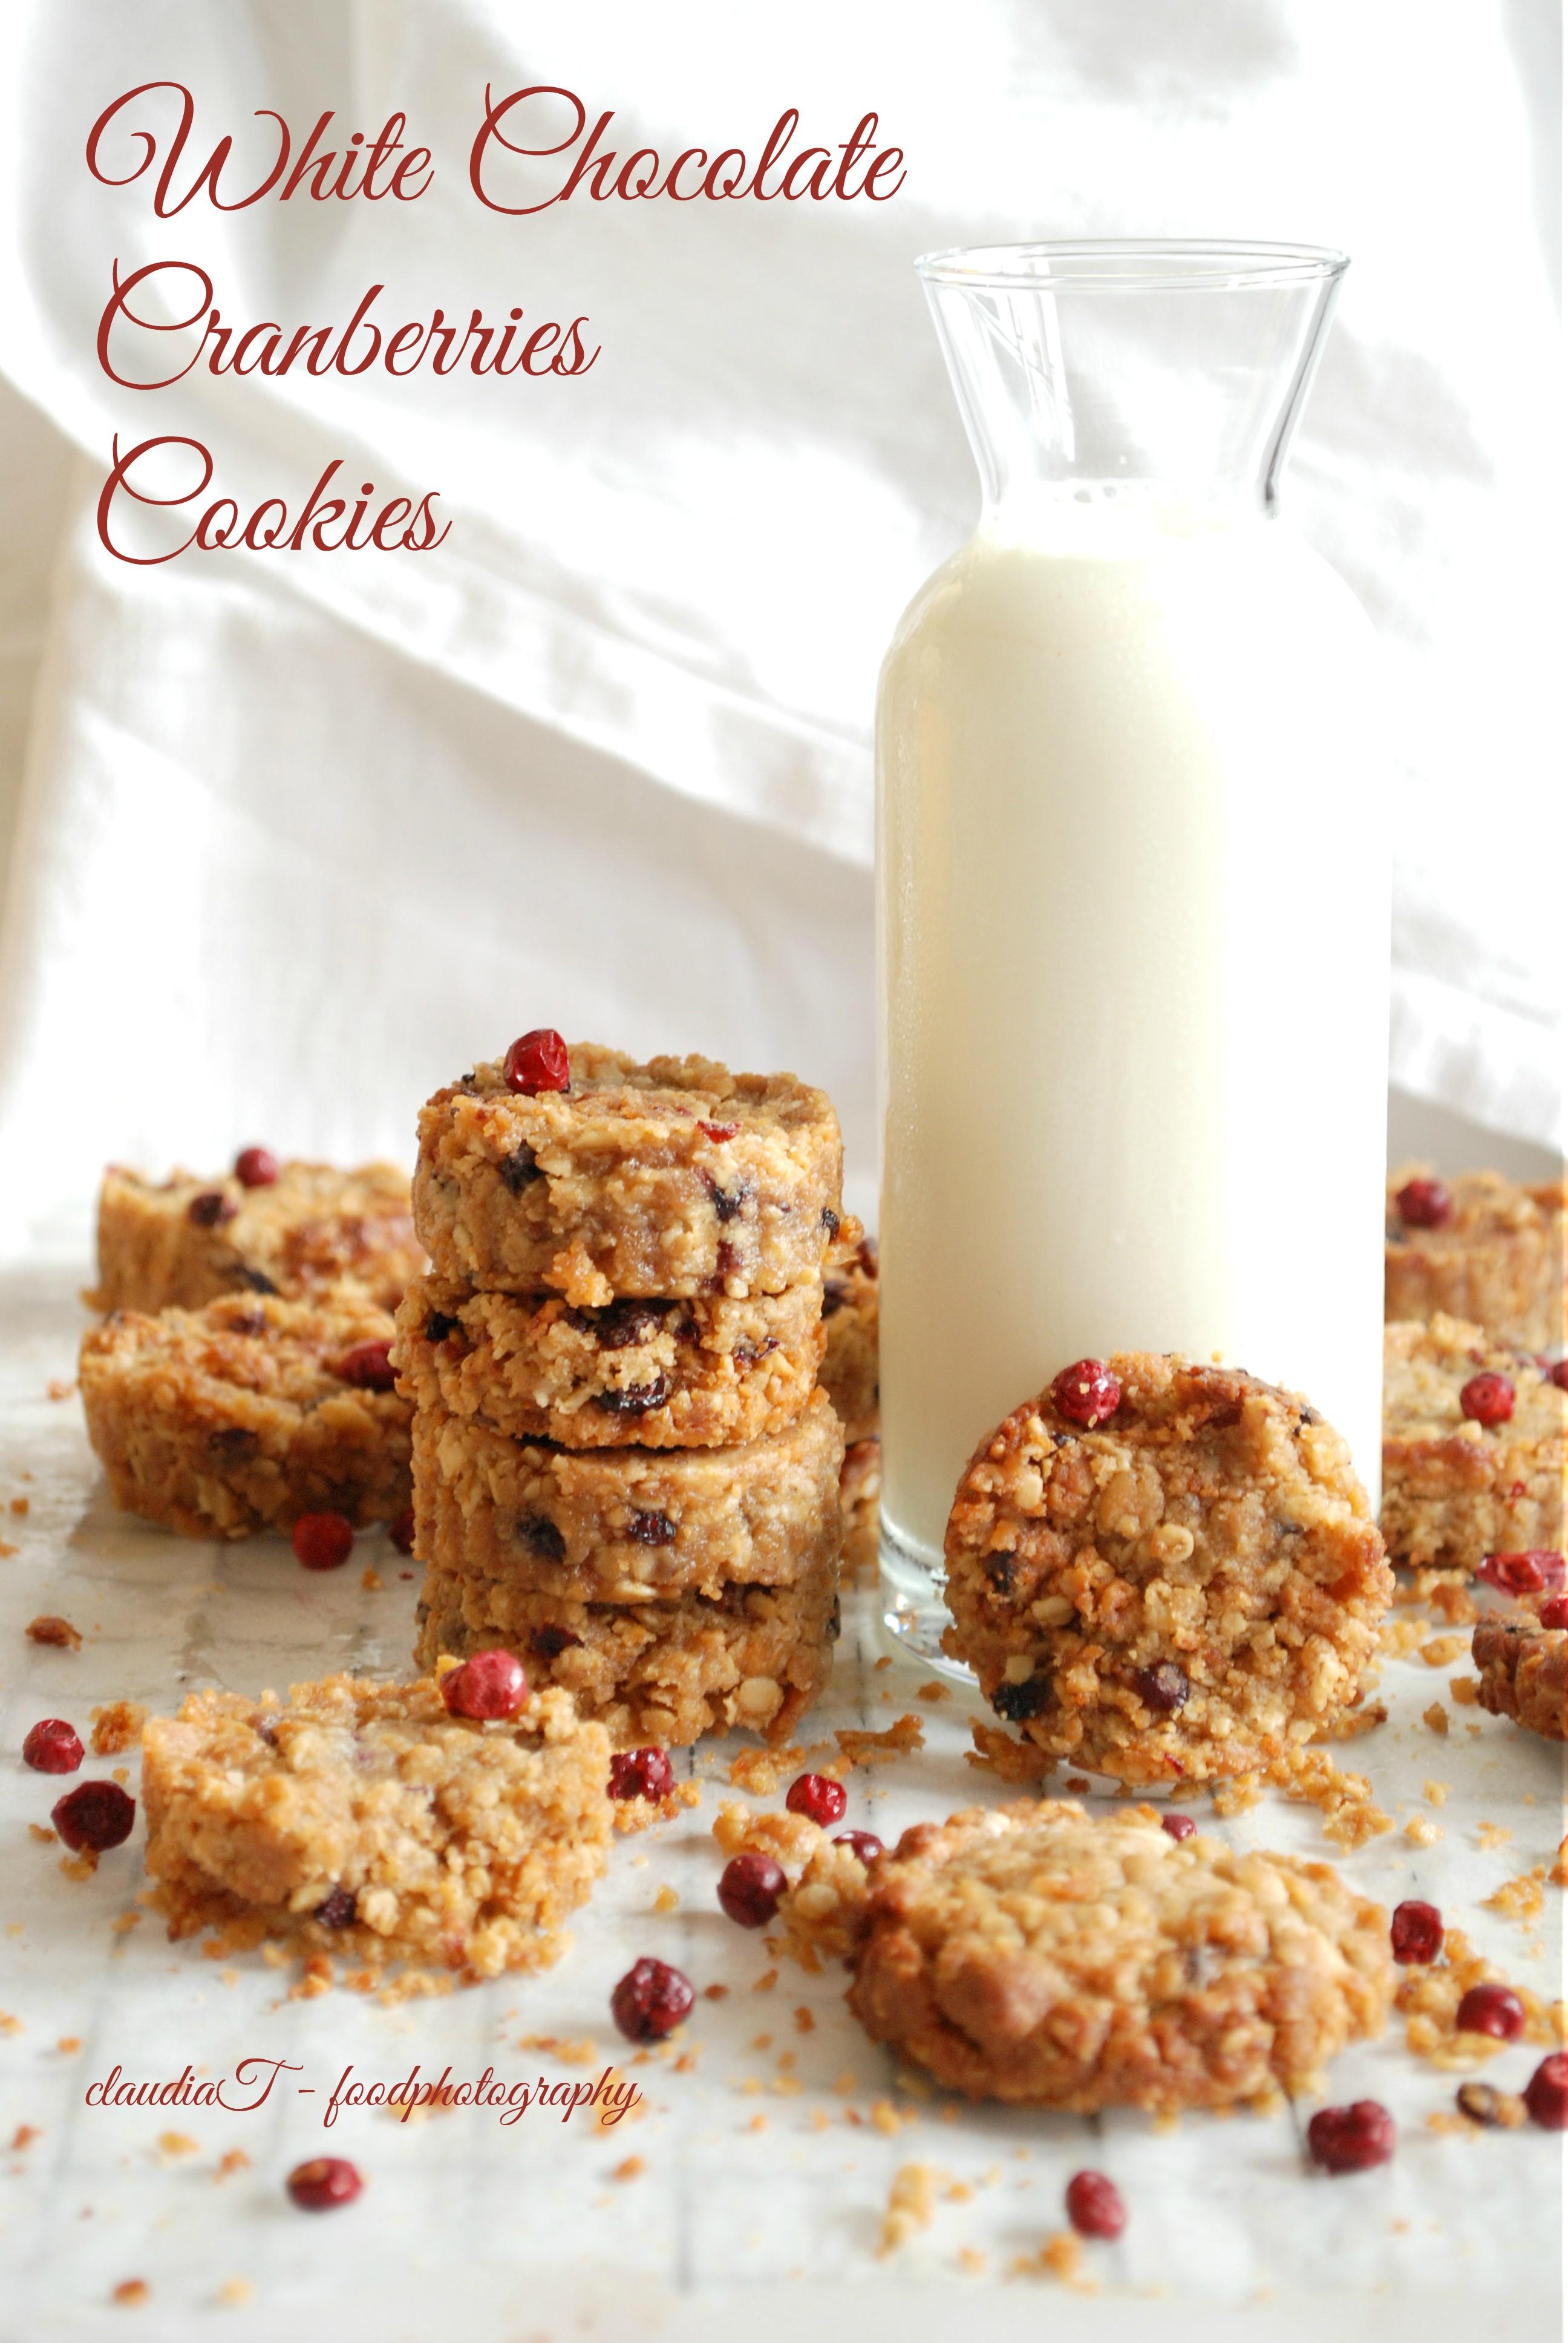 cranberriescookies